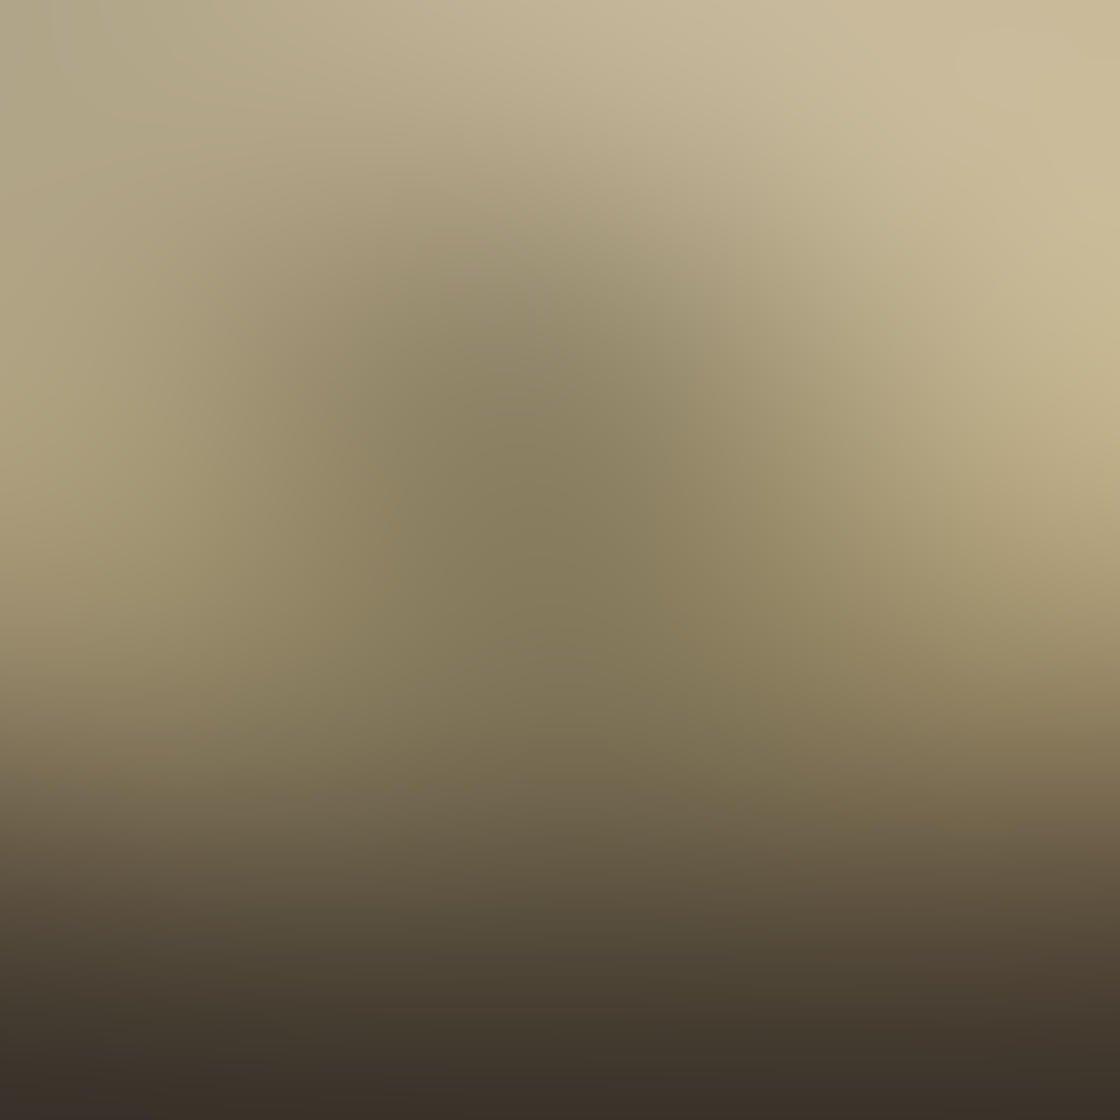 Fog & Mist iPhone Photos 36